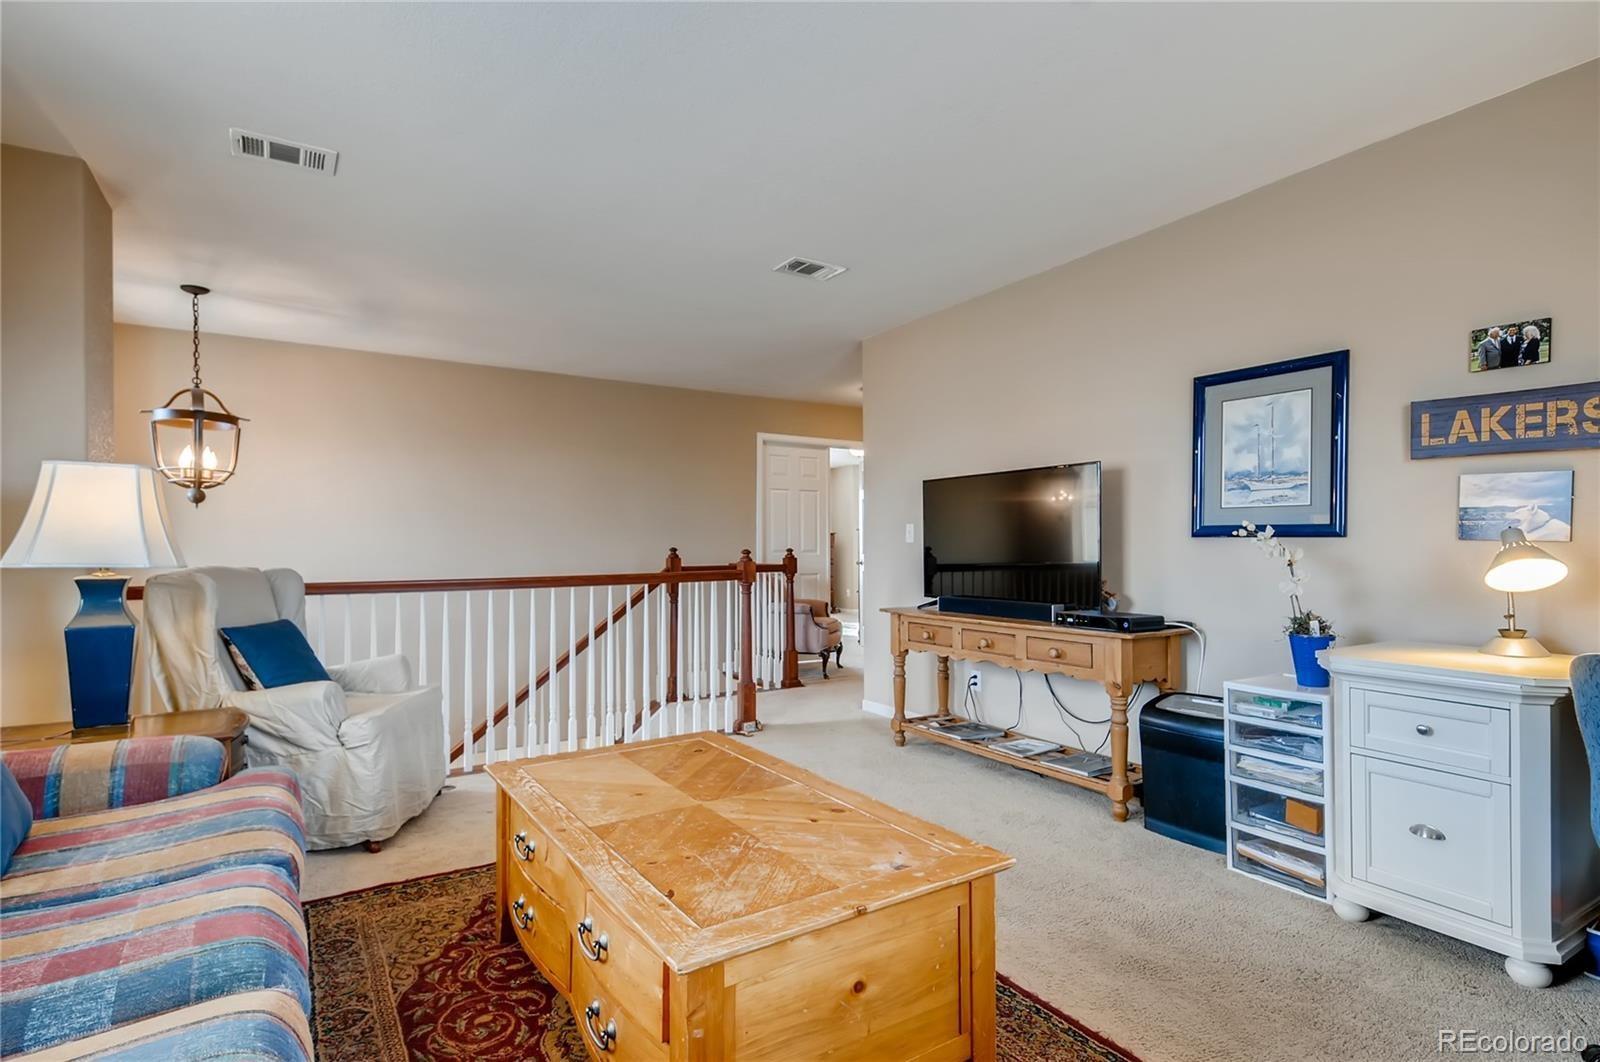 MLS# 8195421 - 21 - 2408 Thistle Court, Castle Rock, CO 80109